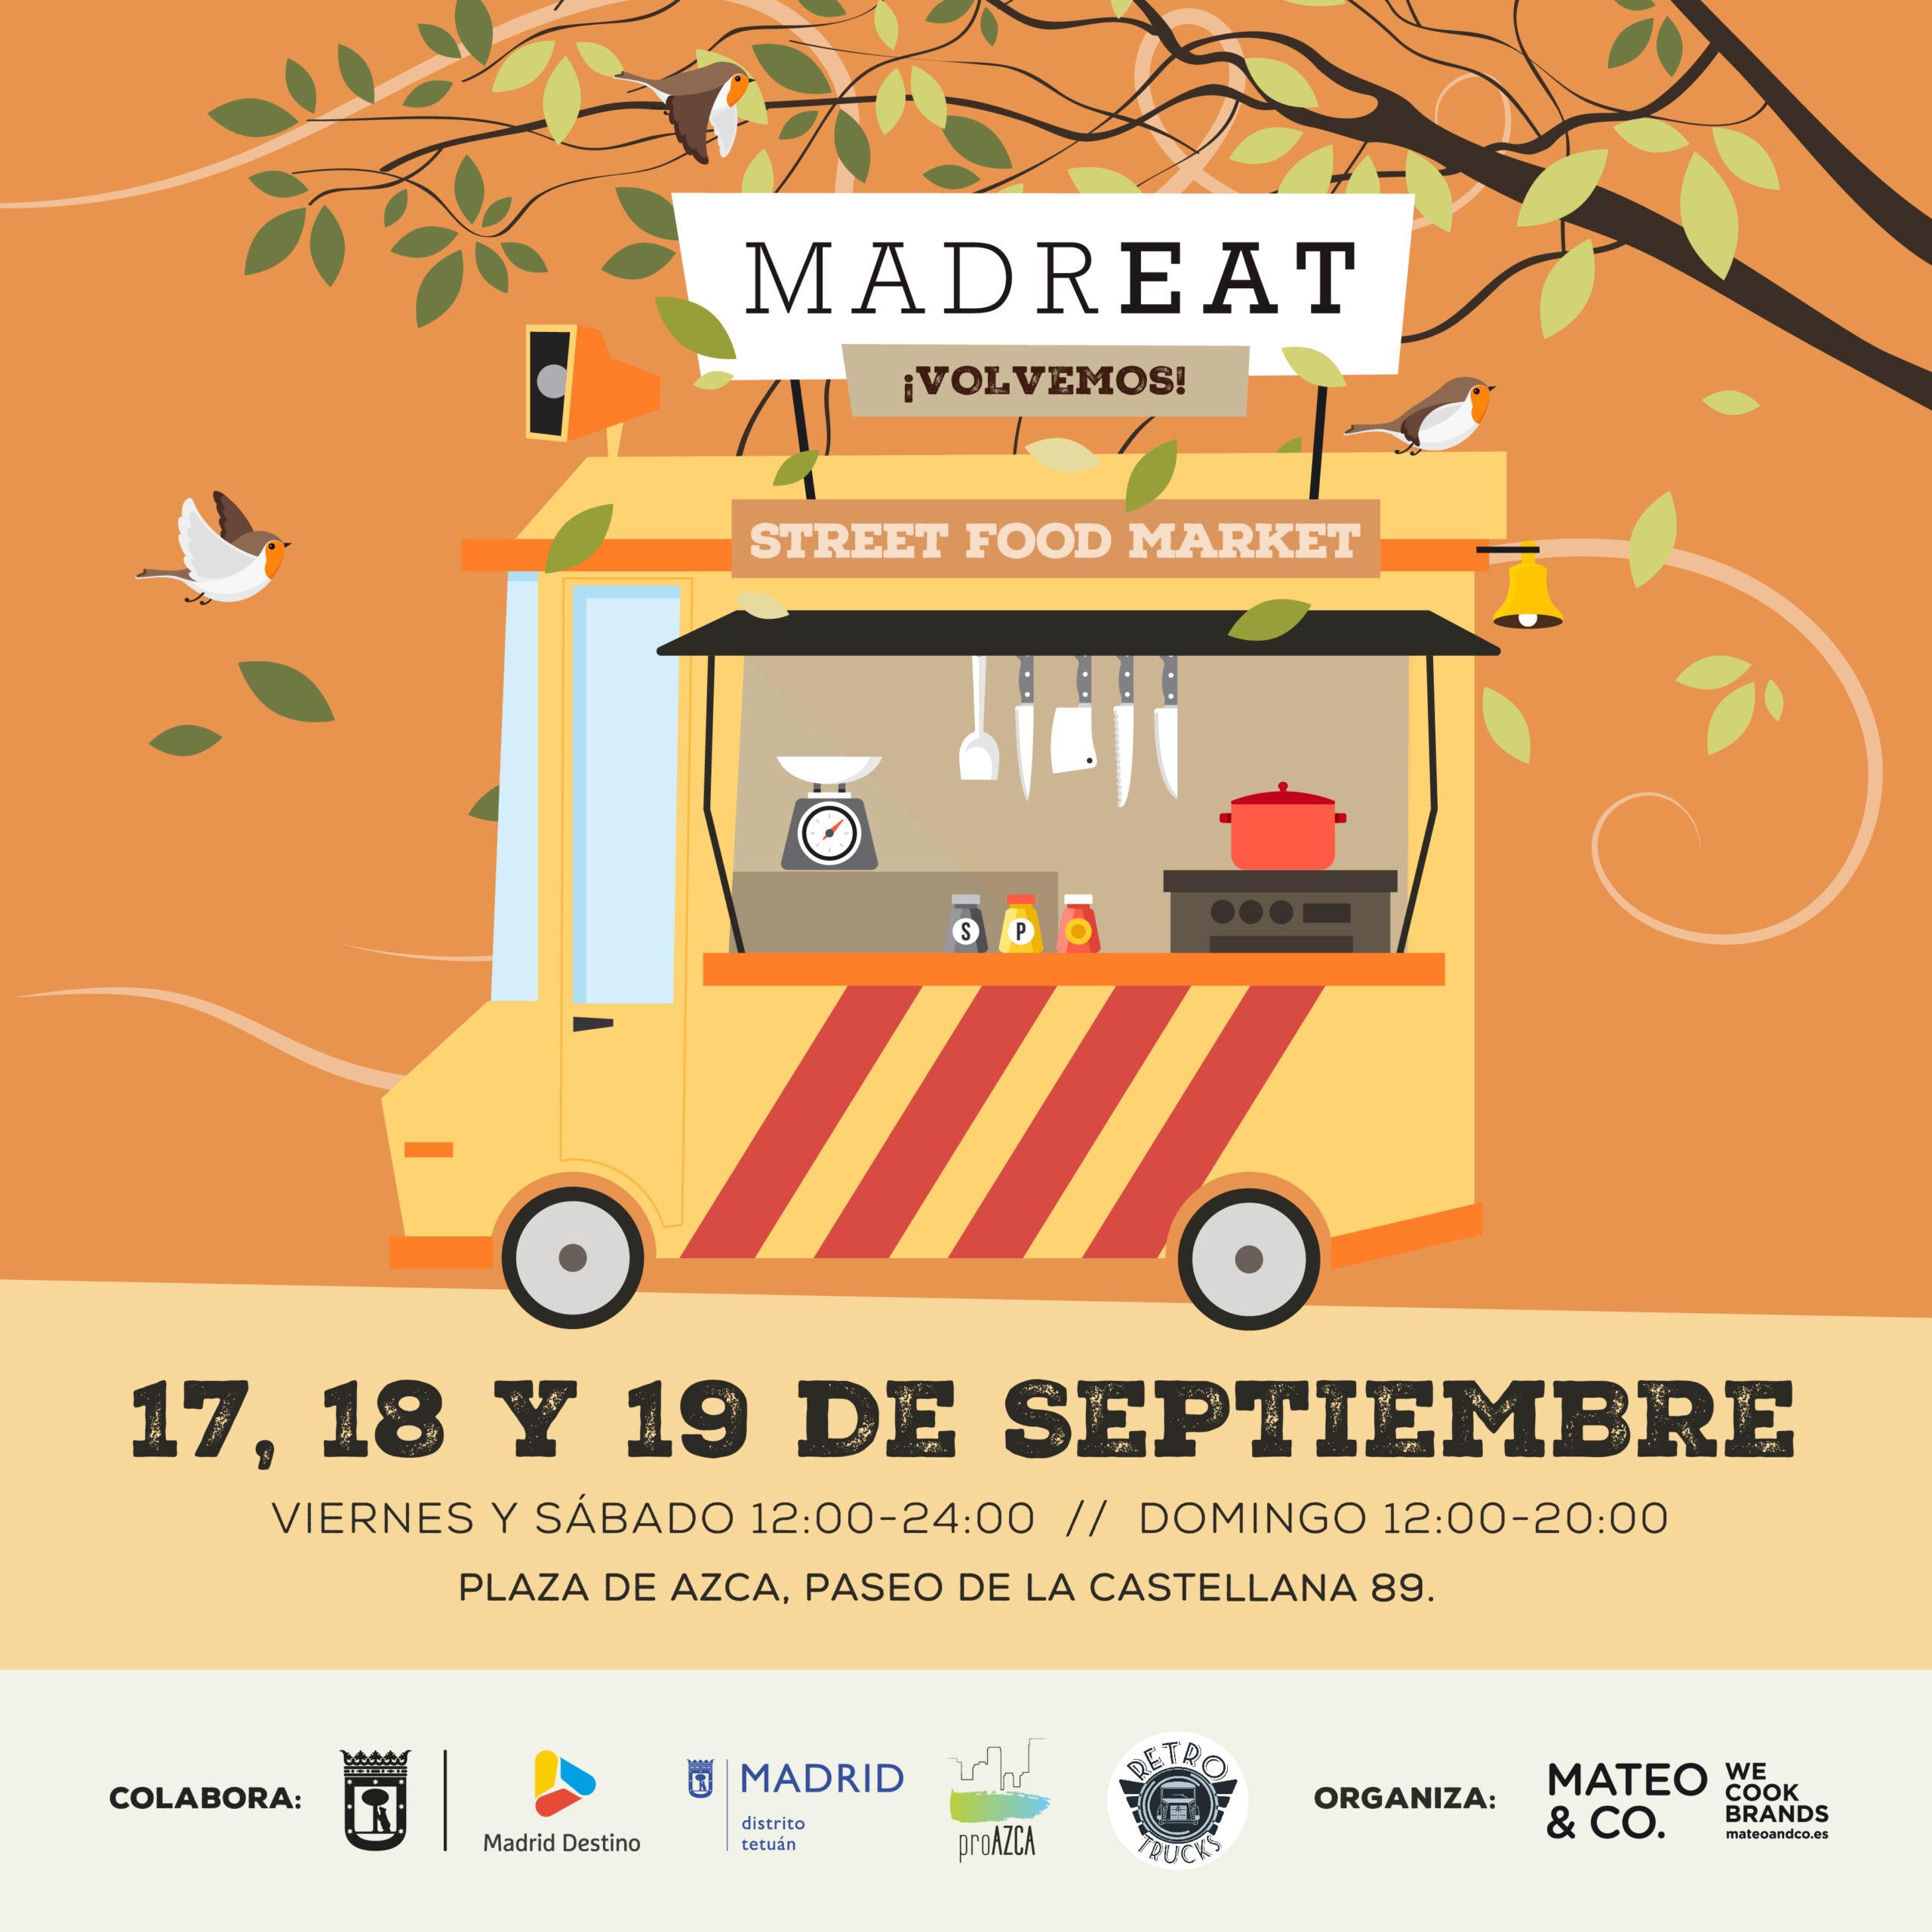 Este fin de semana (17-19 de septiembre) vuelve MadrEAT